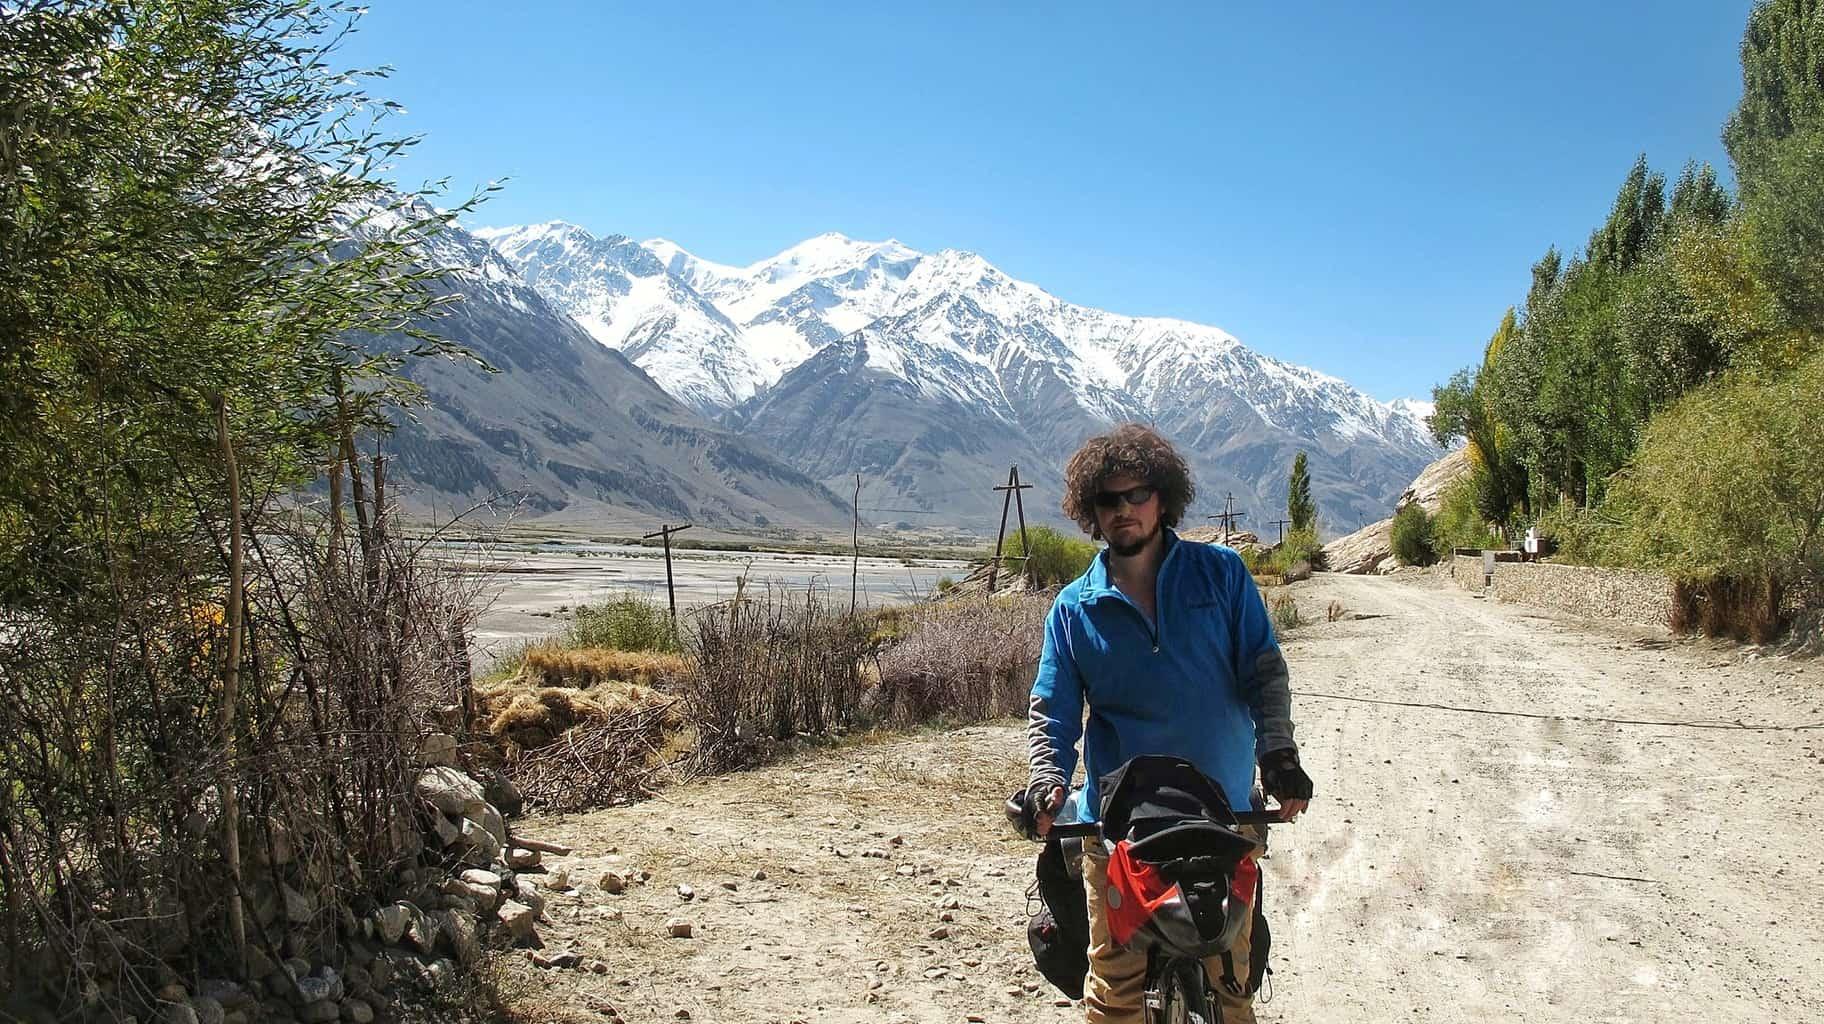 Me Biking through Central Asia